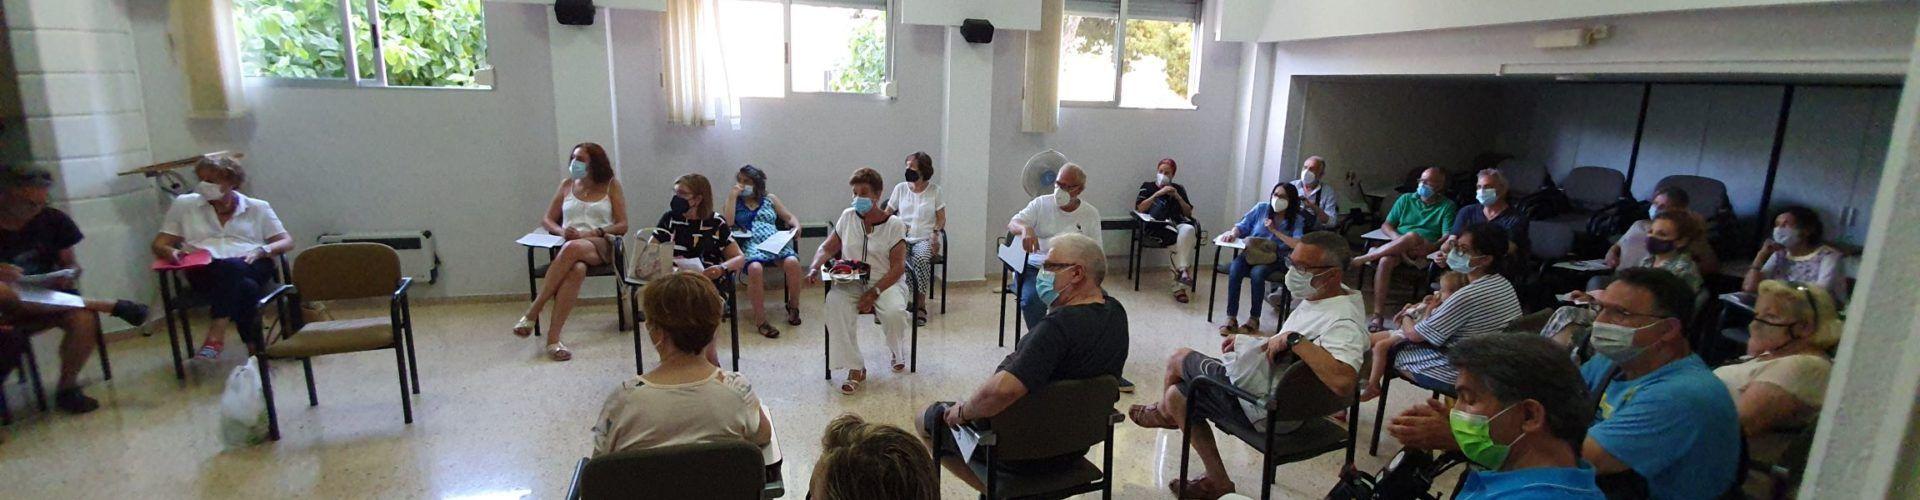 Recogida de firmas pidiendo la reapertura del cine de Vinaròs y el Ayuntamiento plantea comprar o alquilar el local